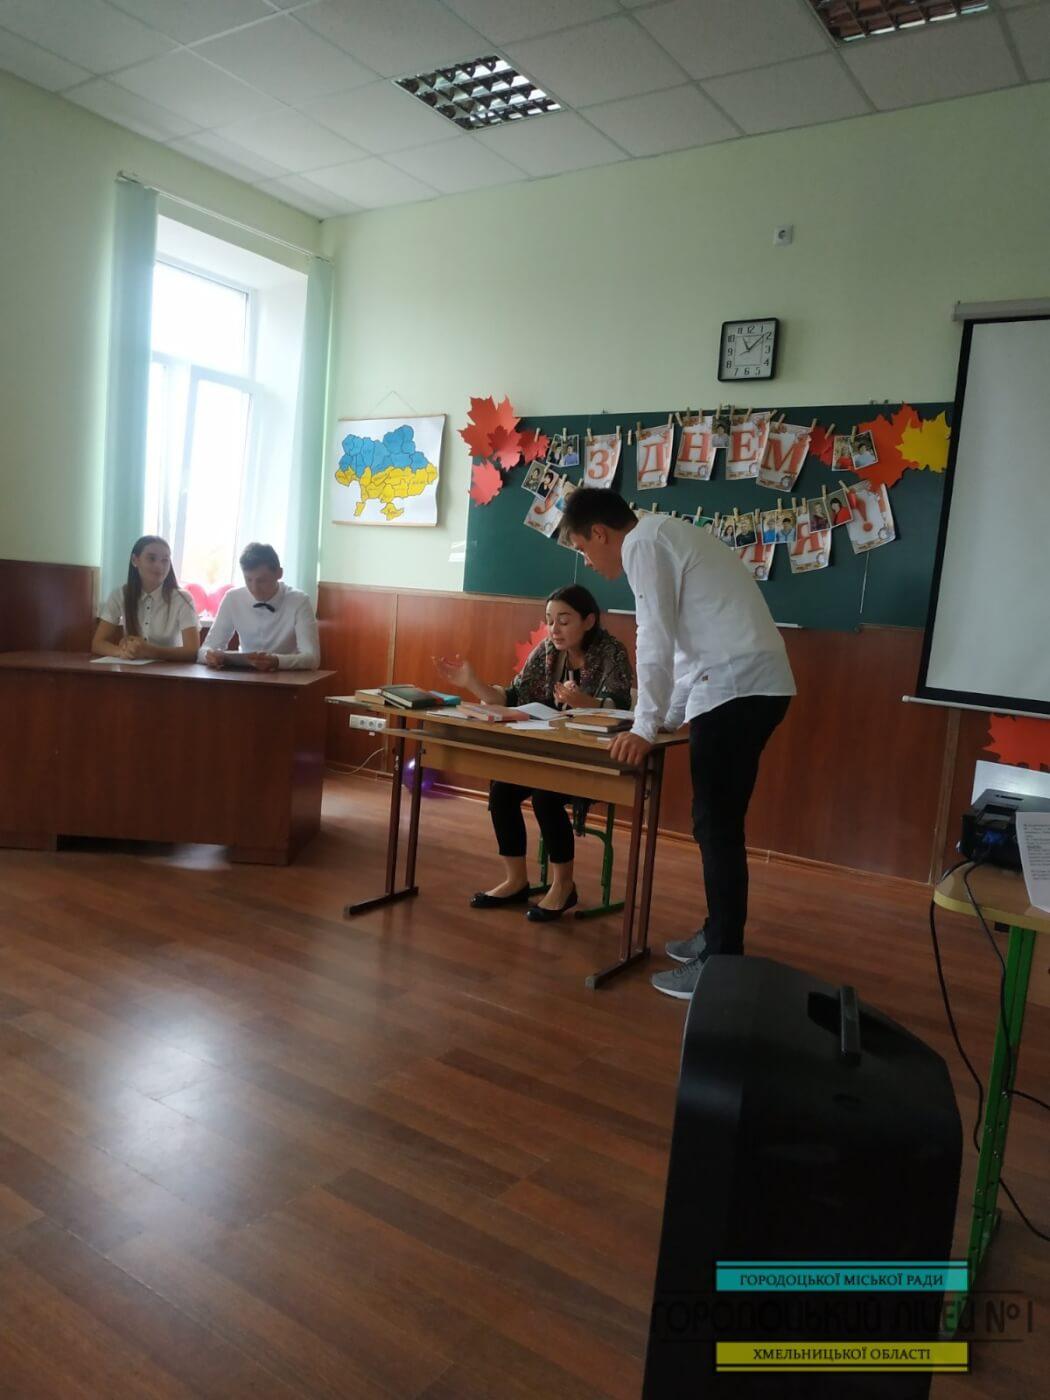 zobrazhennya viber 2019 10 05 04 03 03 - Учитель - не просто професія, це покликання...